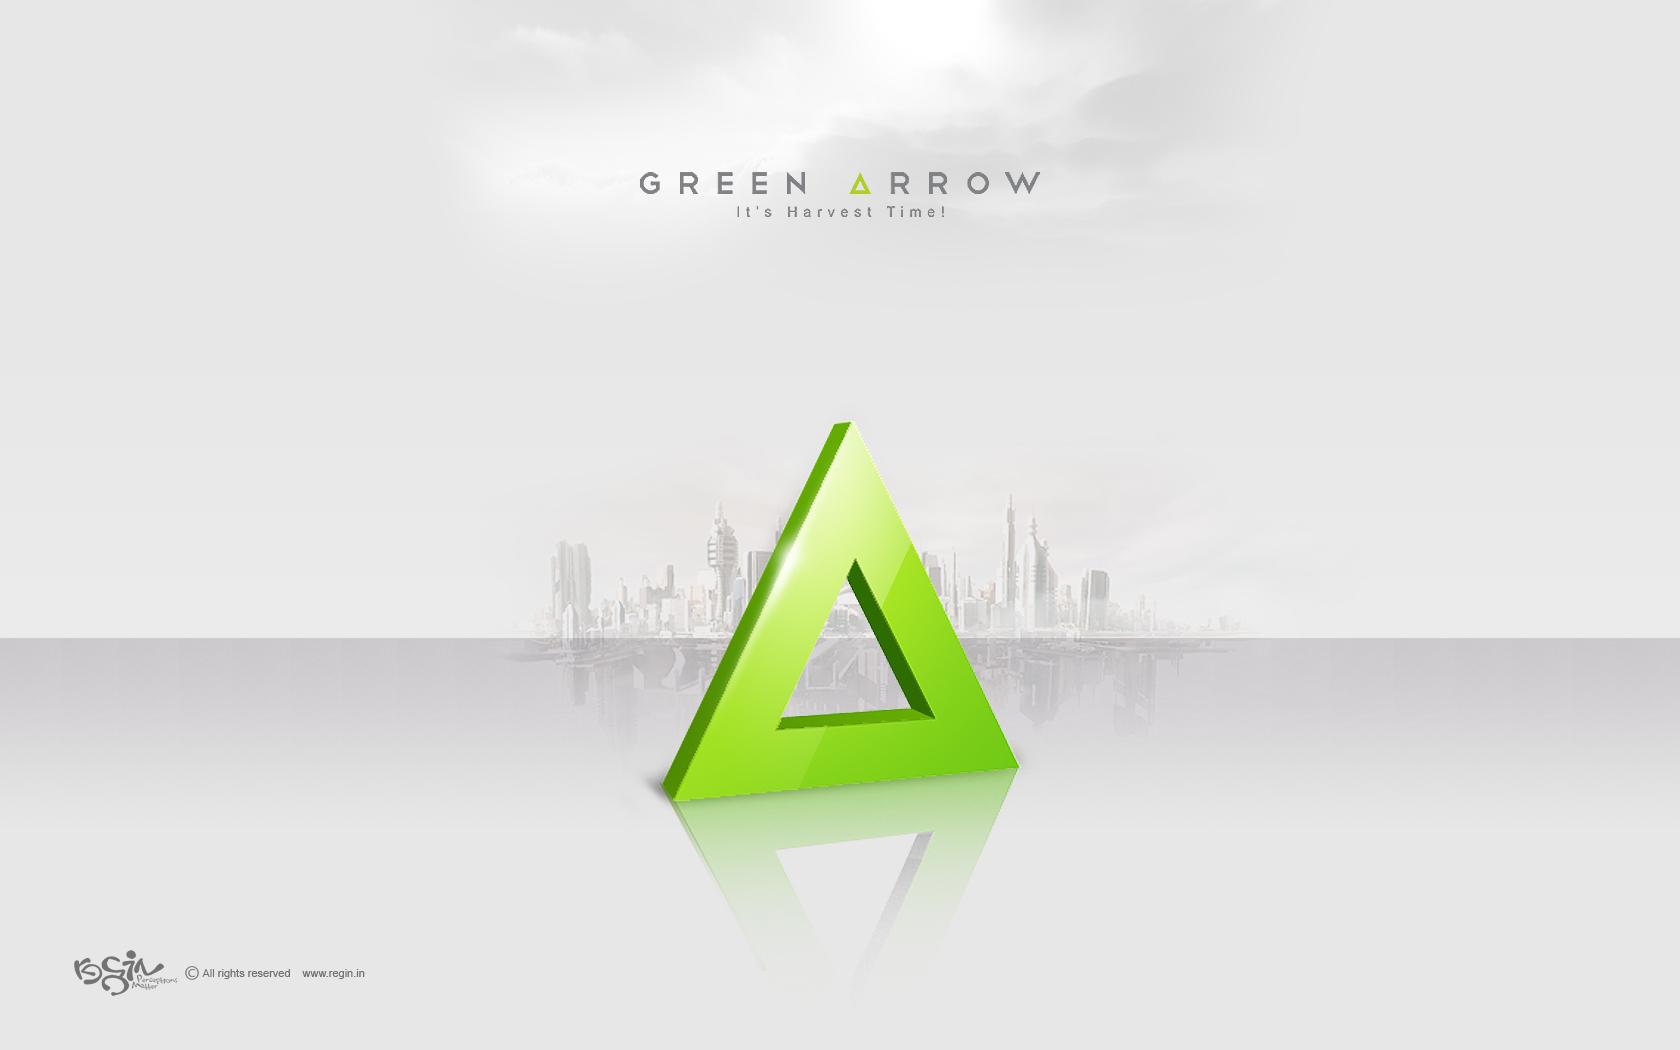 Green Arrow wallpapers Green Arrow stock photos 1680x1050